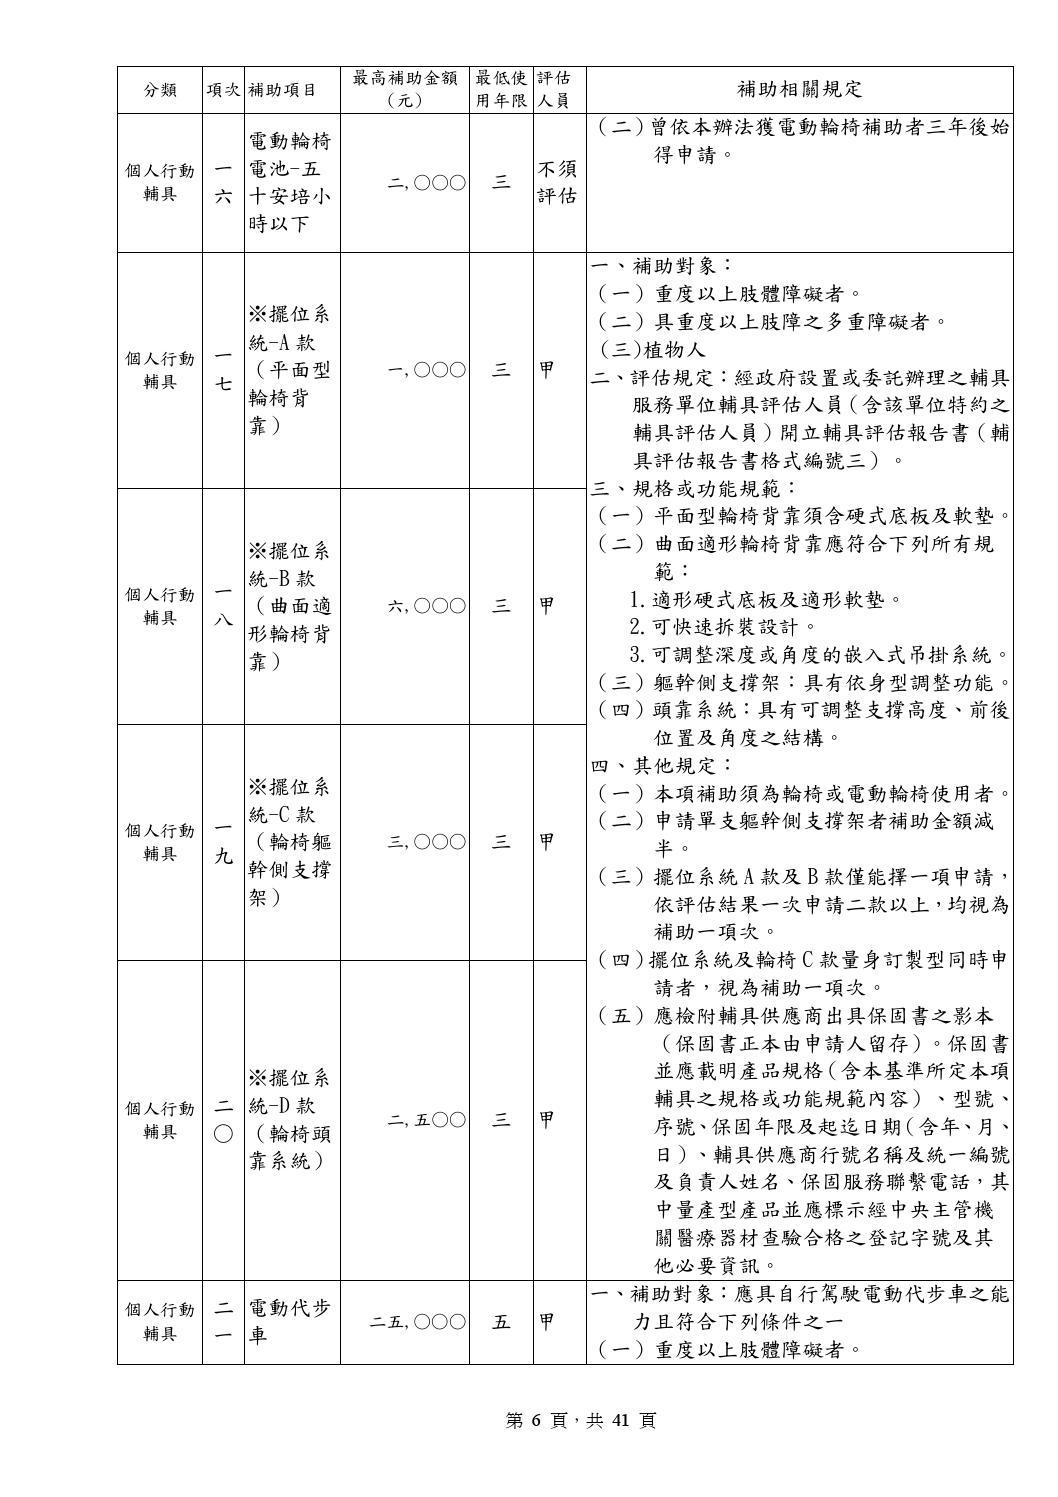 4 身心障礙者輔具基準表 1010710 參考版 by insight ewpg - Issuu